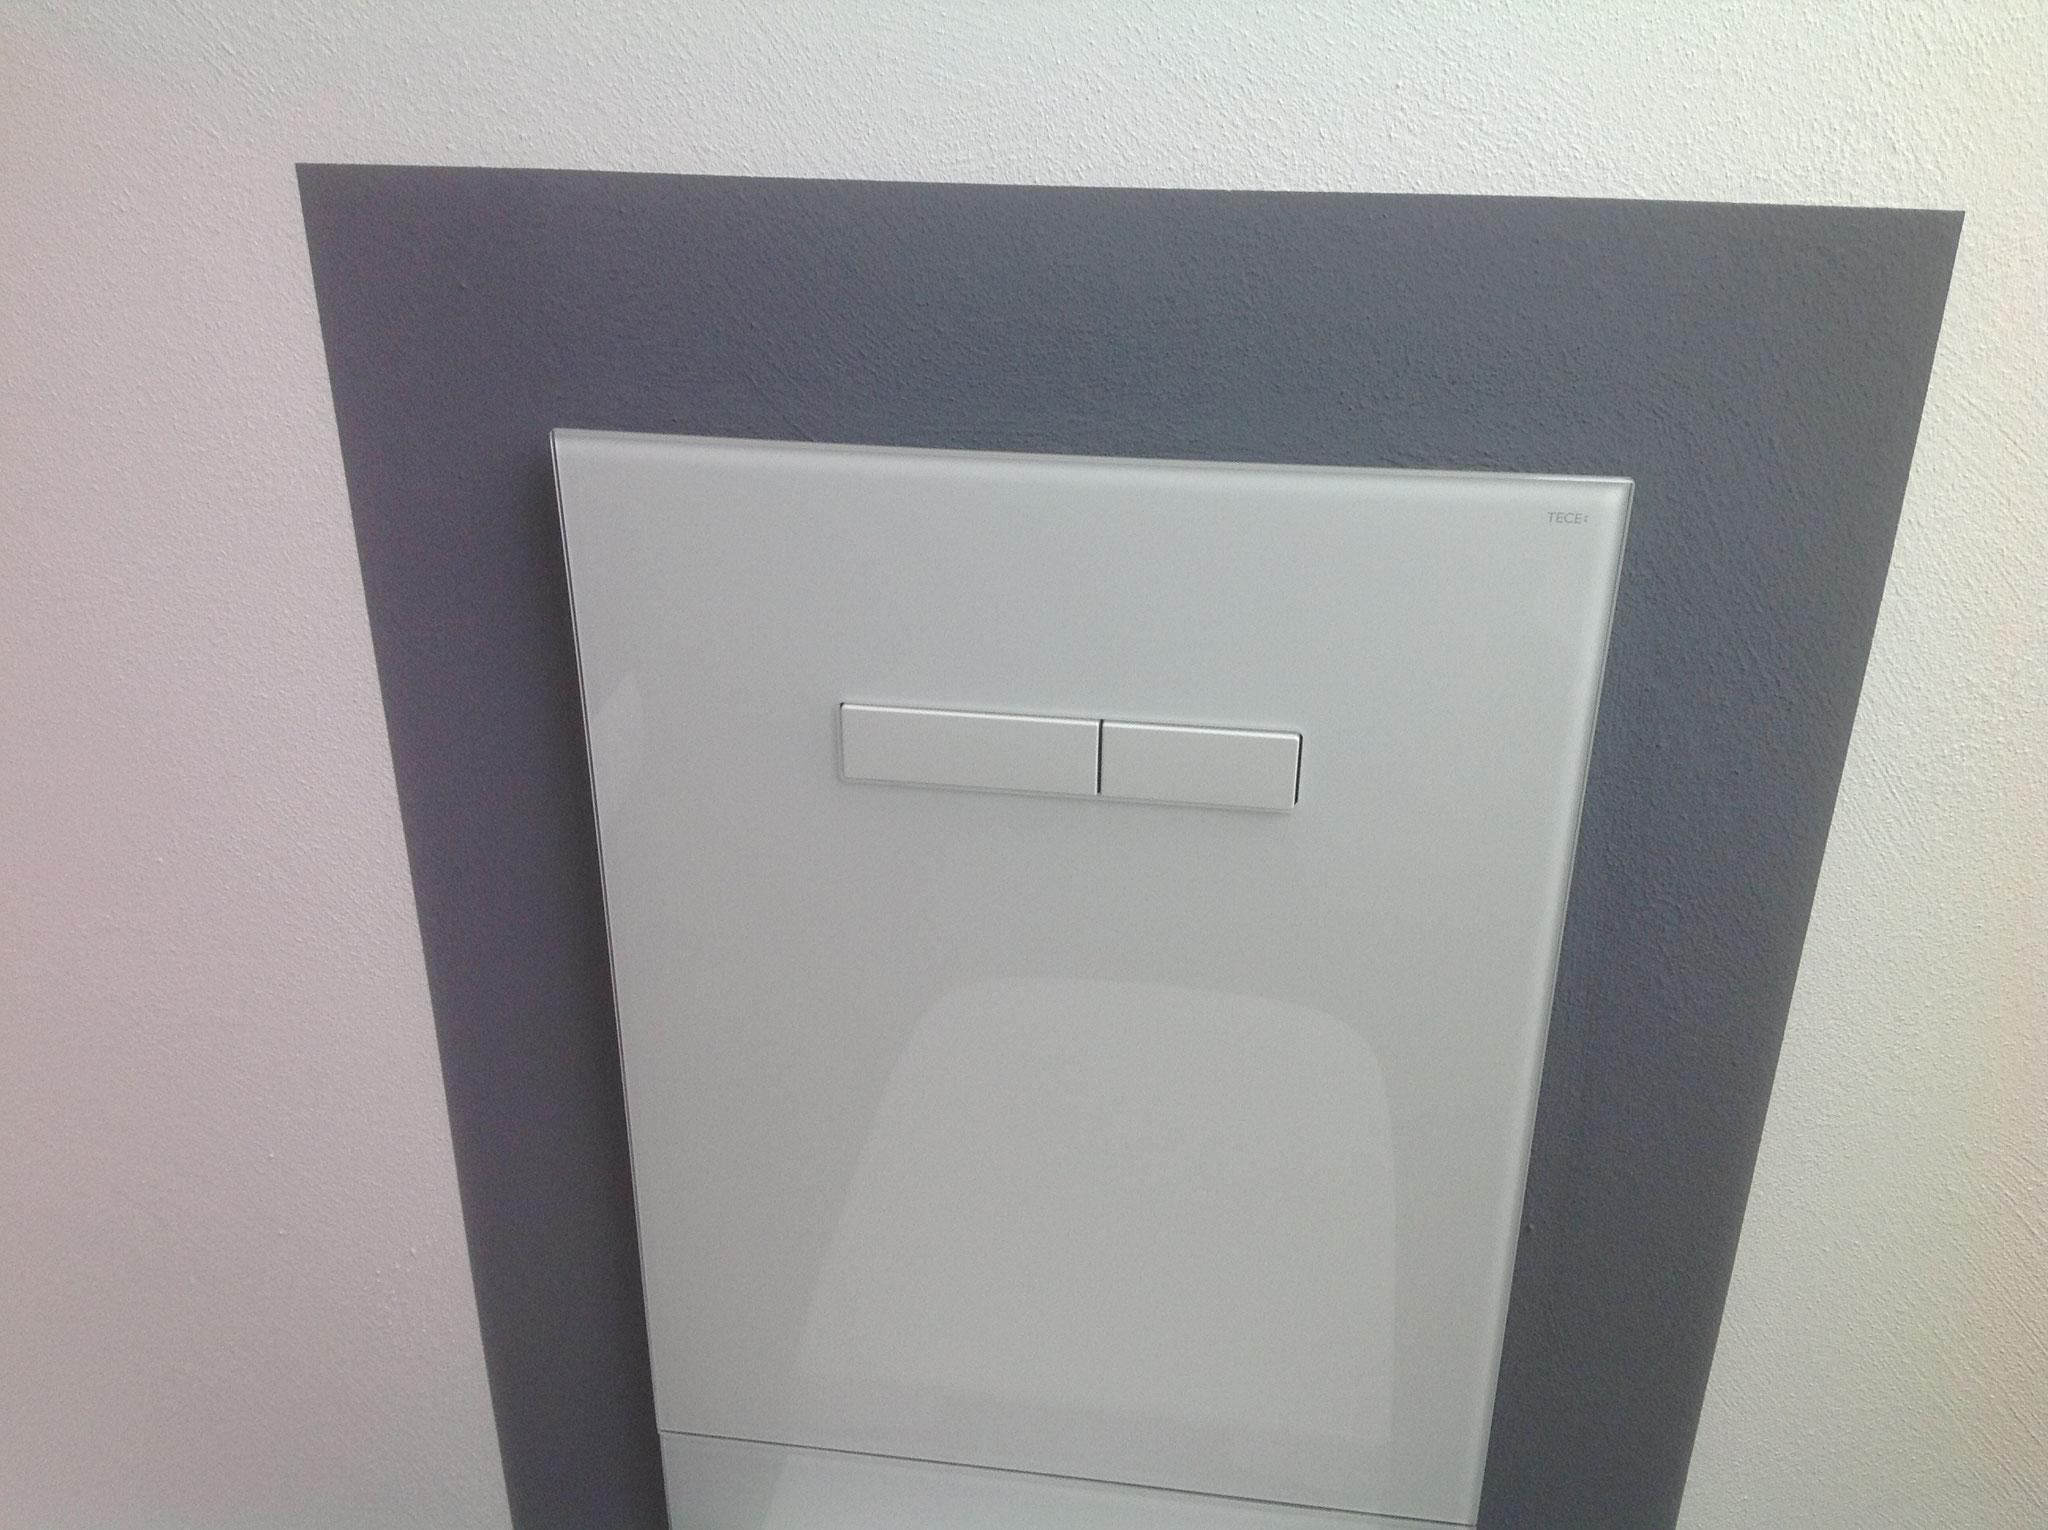 Ohne Fliesen - WC mit Glasrückwand